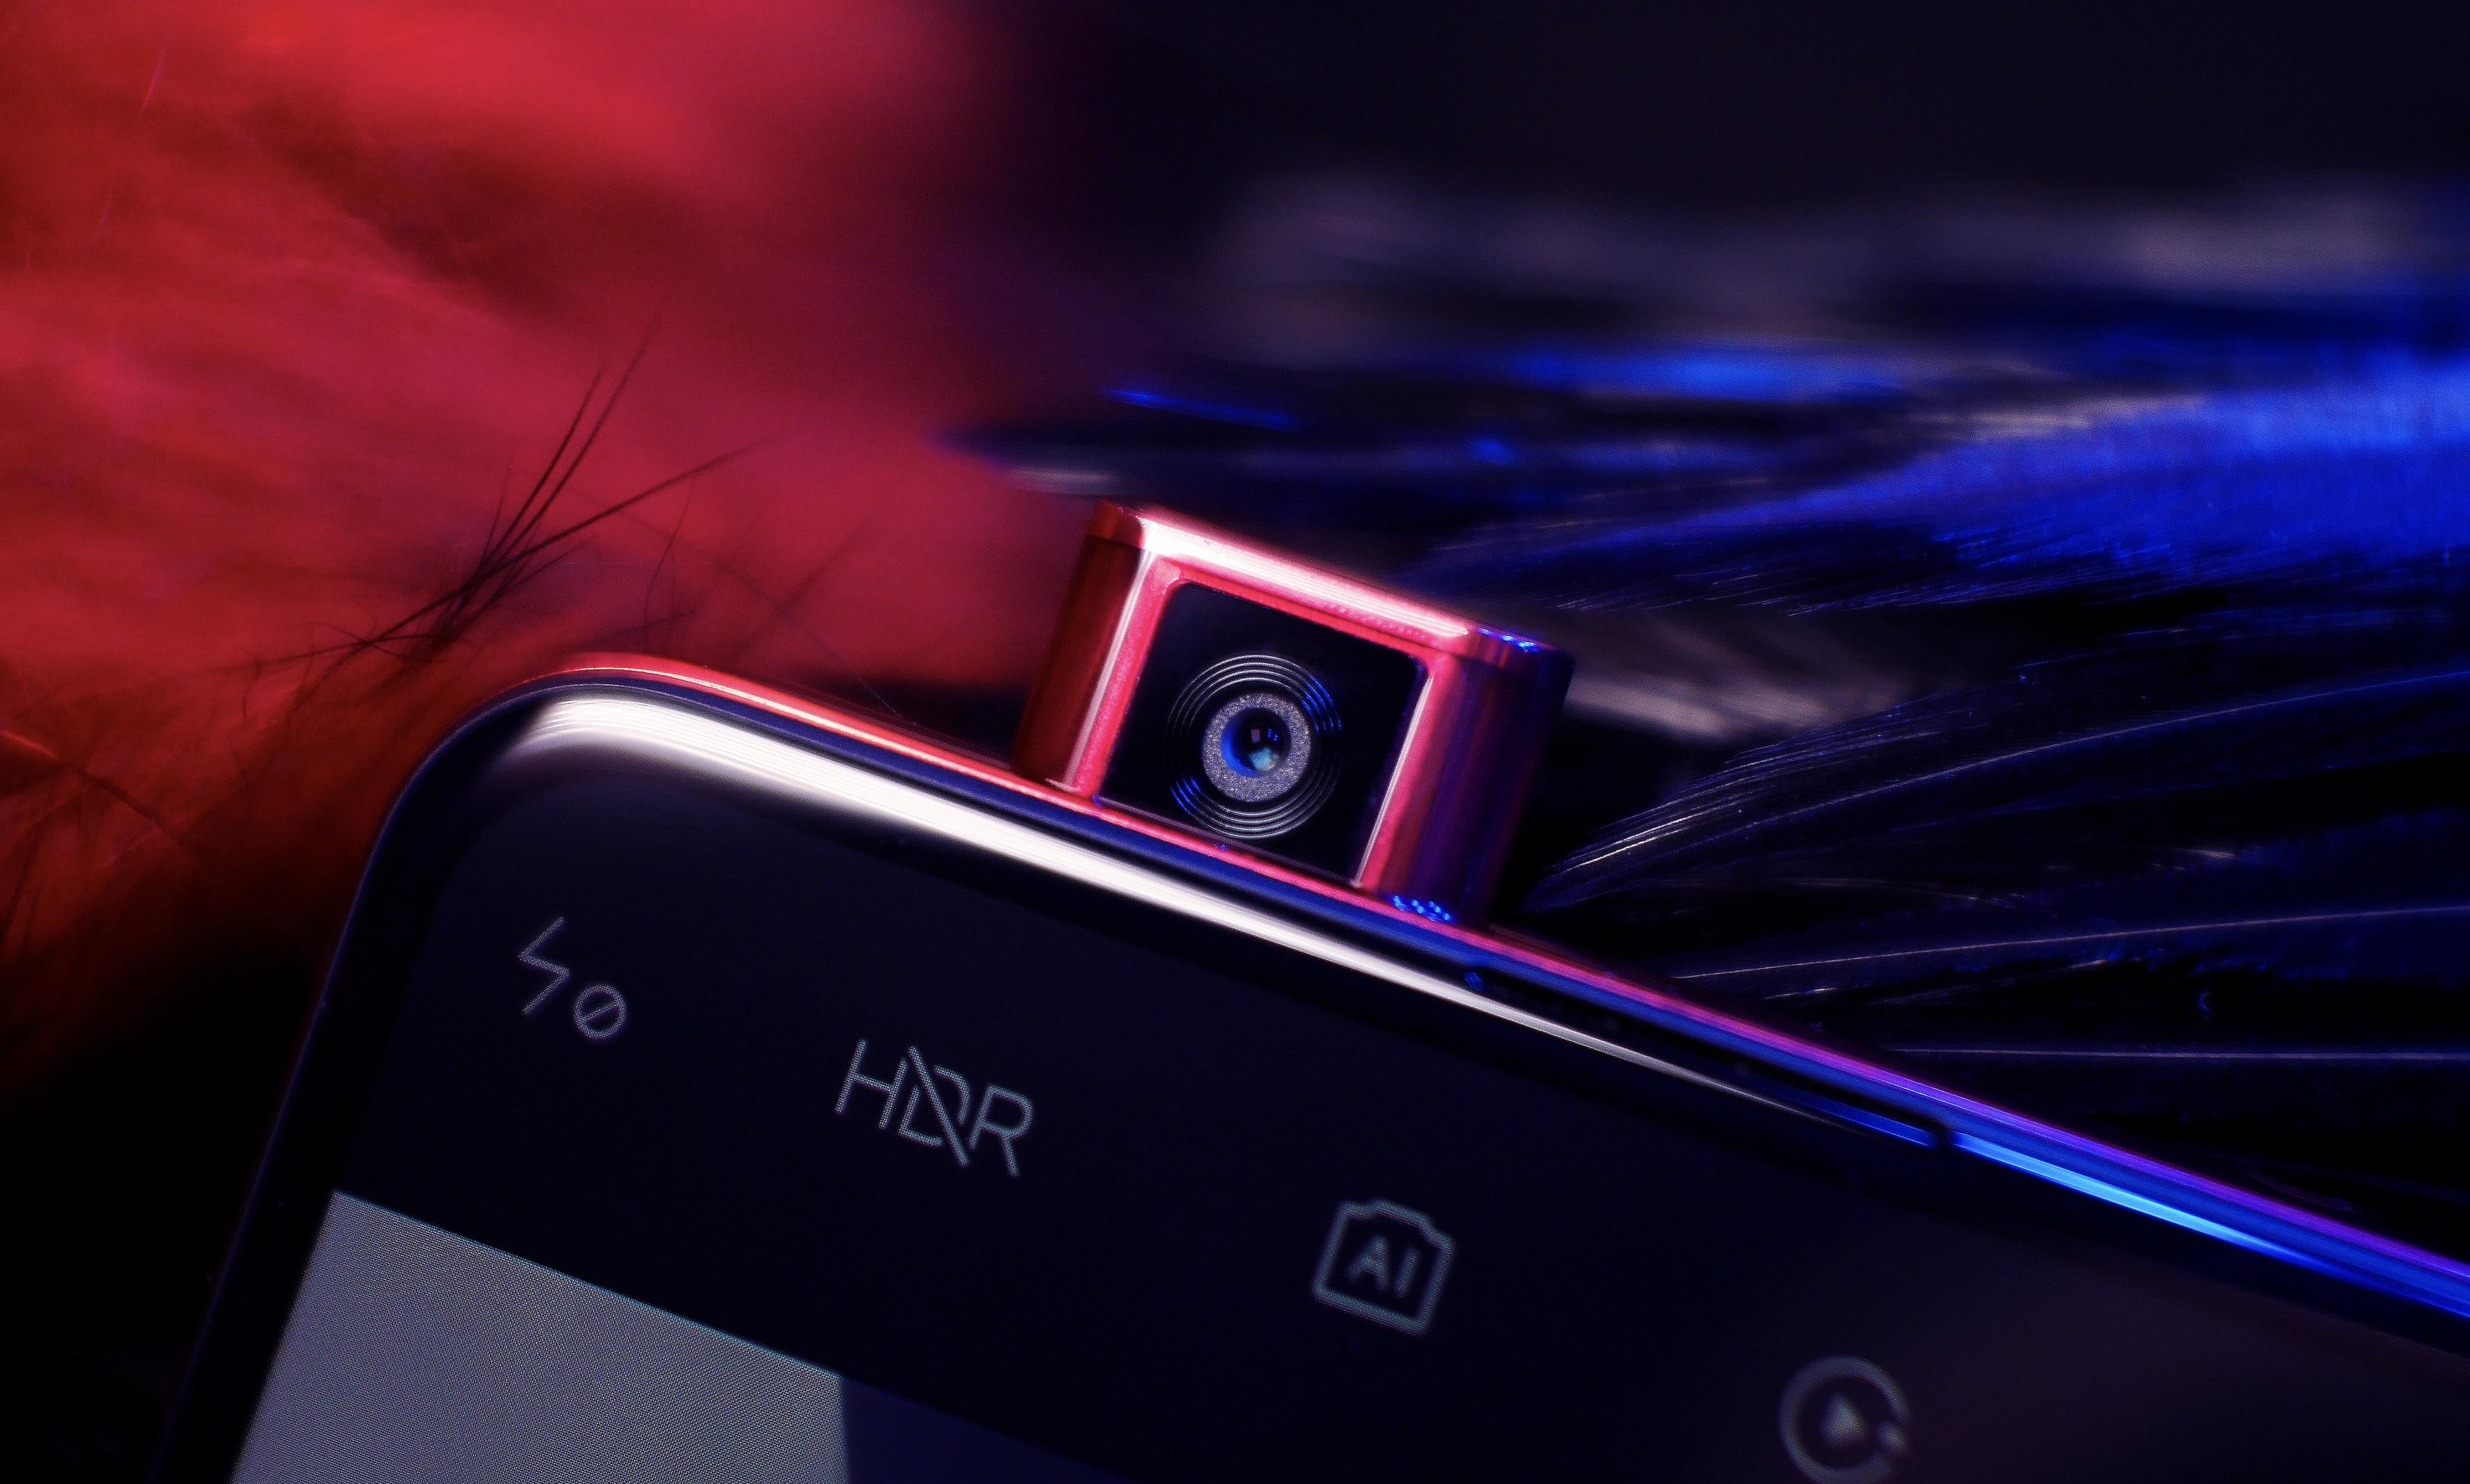 Xiaomi Mi 9 vs Redmi K20 Pro. Comparativa, cual elegir. Noticias Xiaomi Adictos